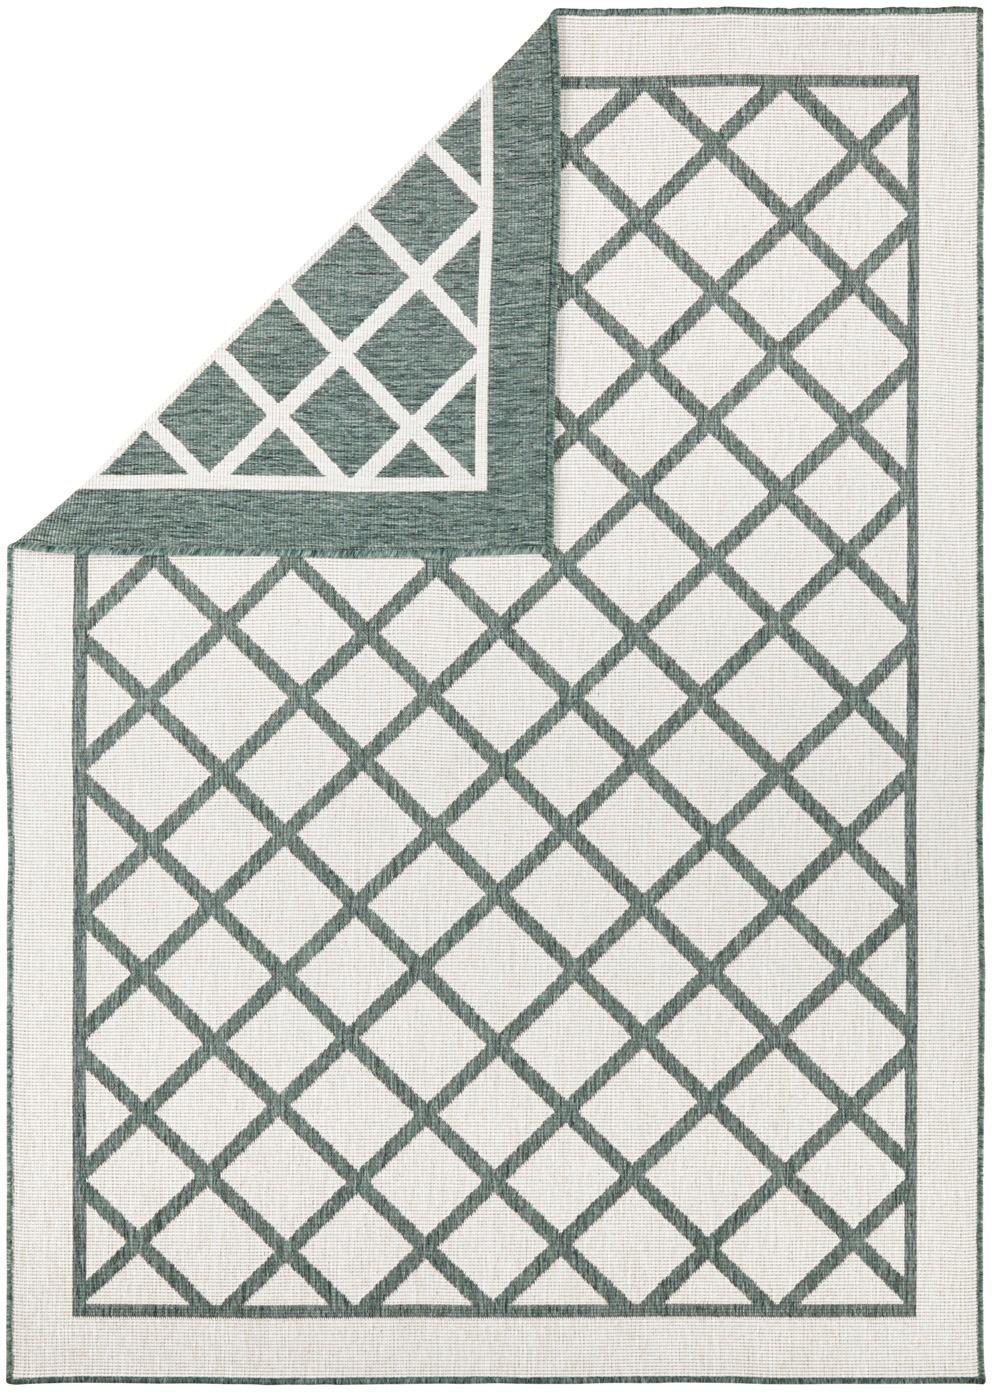 Dwustronny dywan wewnętrzny/zewnętrzny Sydney, Zielony, kremowy, S 200 x D 290 cm (Rozmiar L)